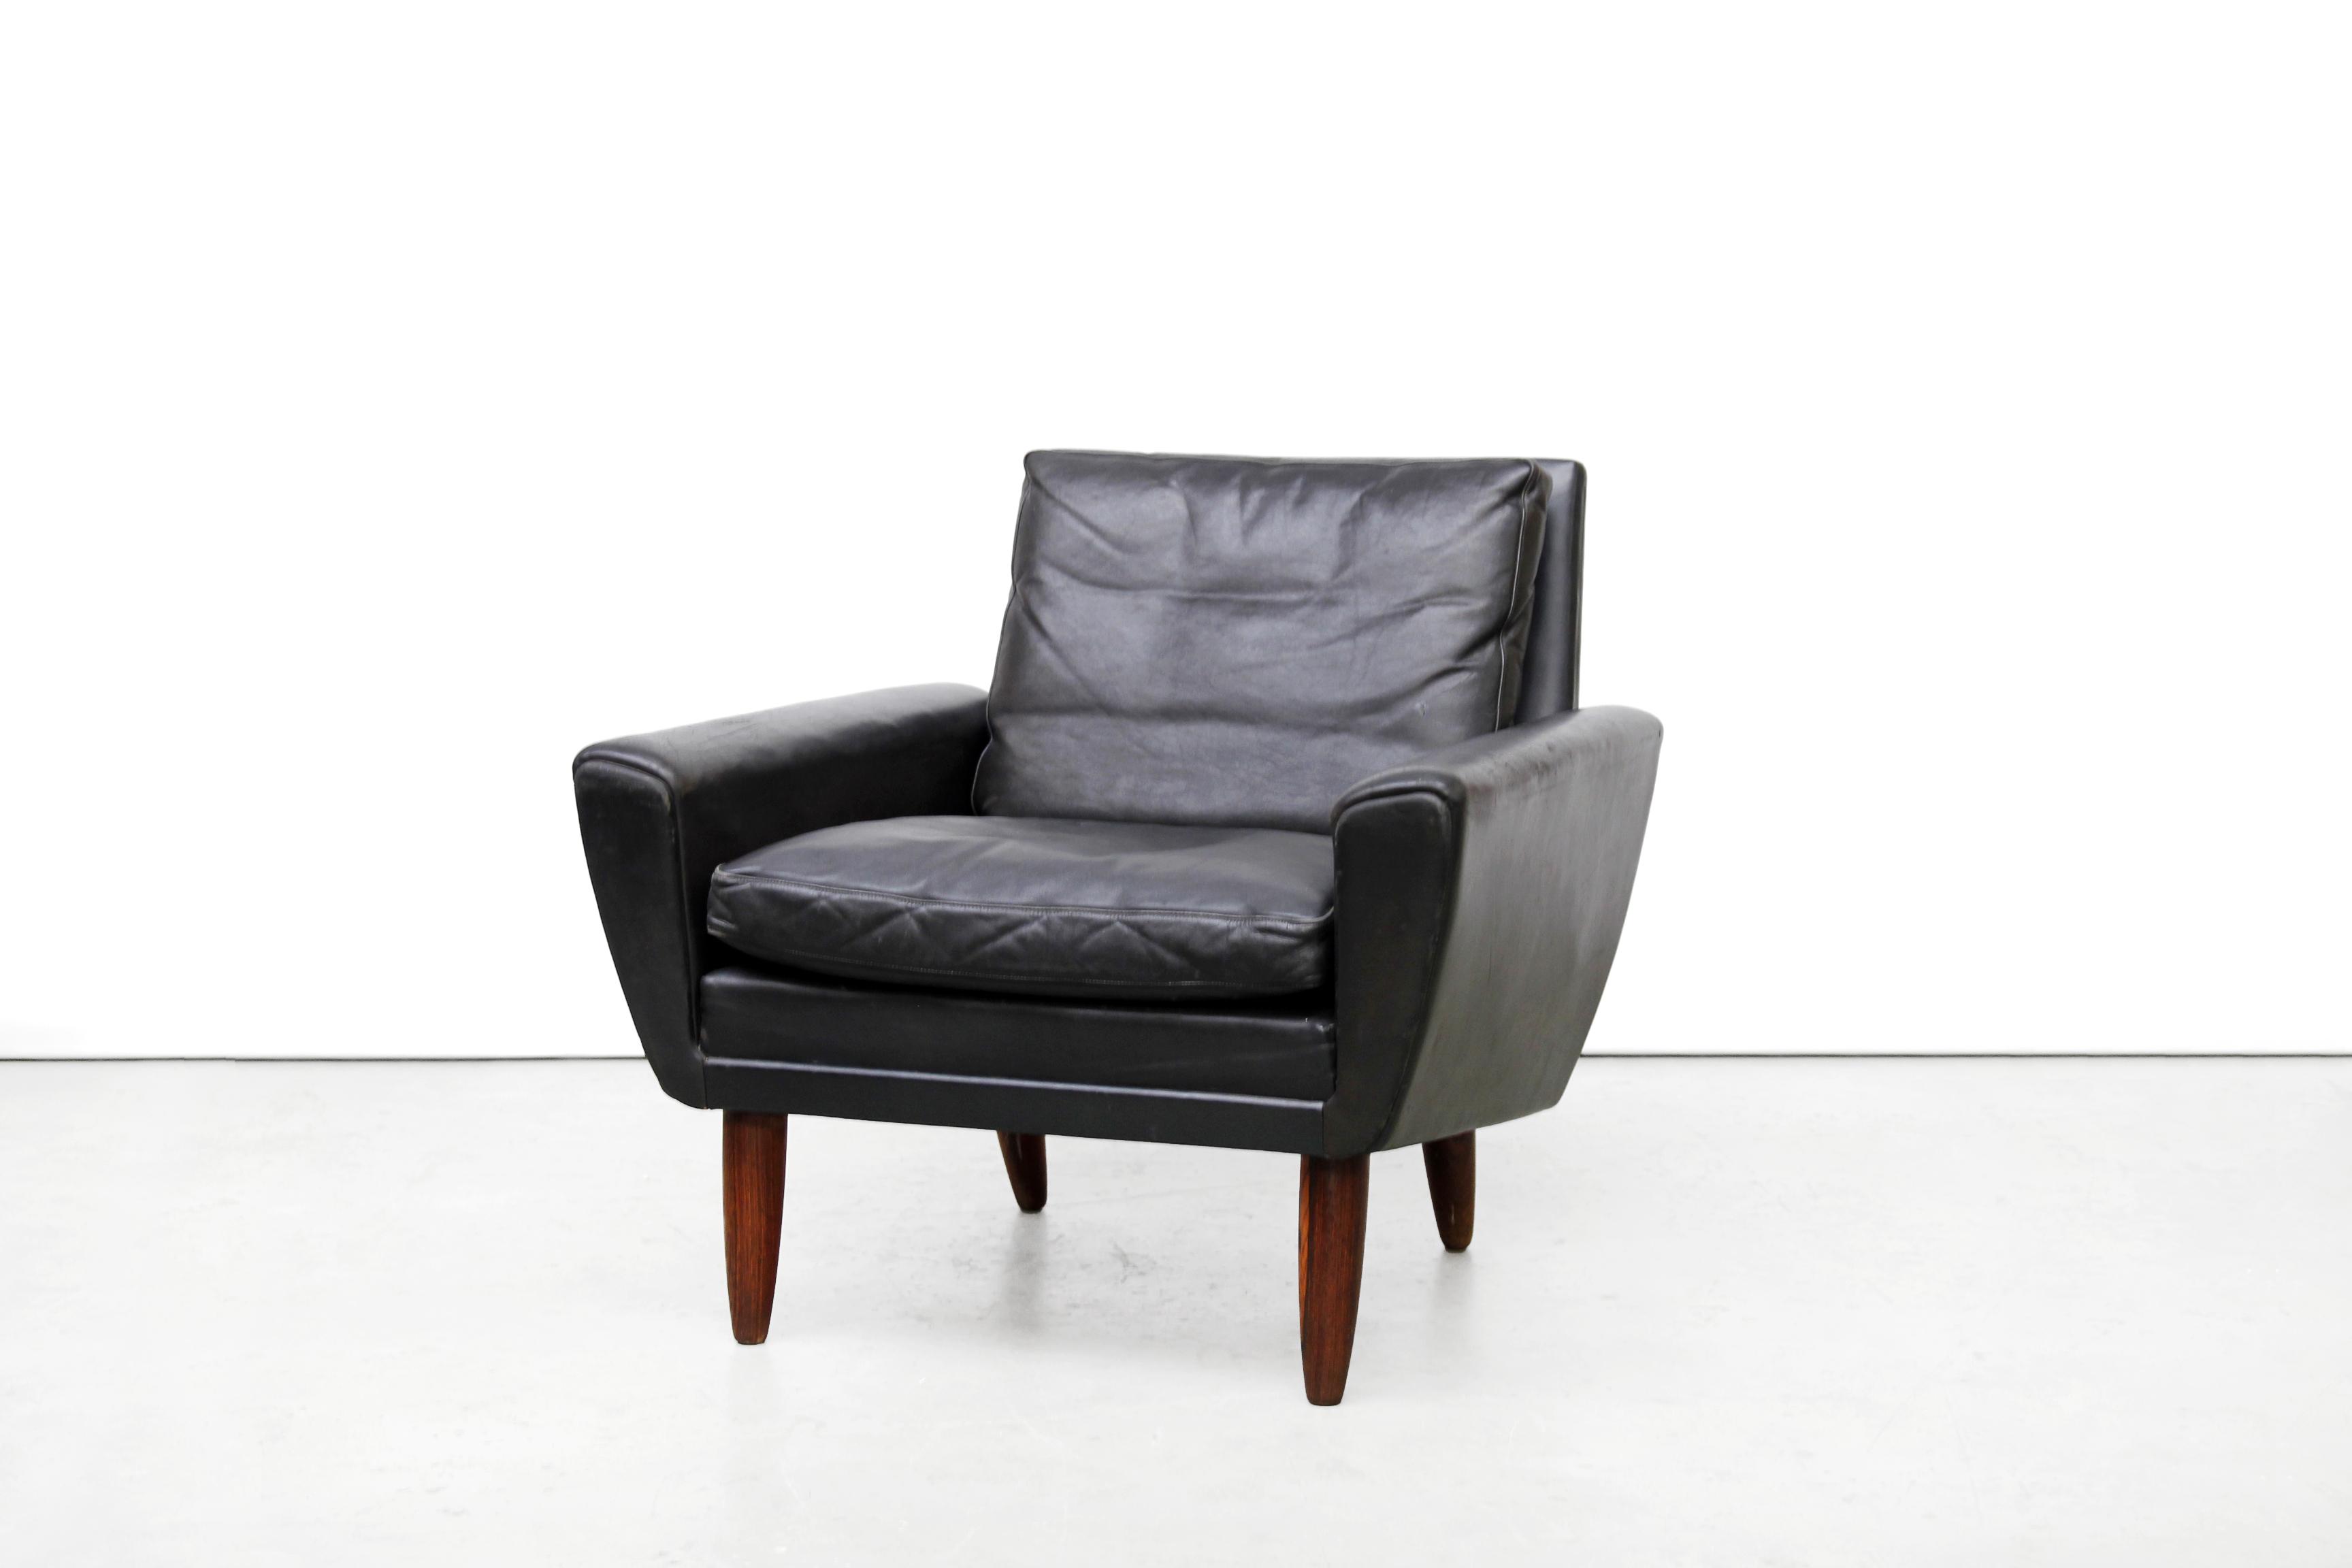 Zwart leren georg thams design fauteuil van ons